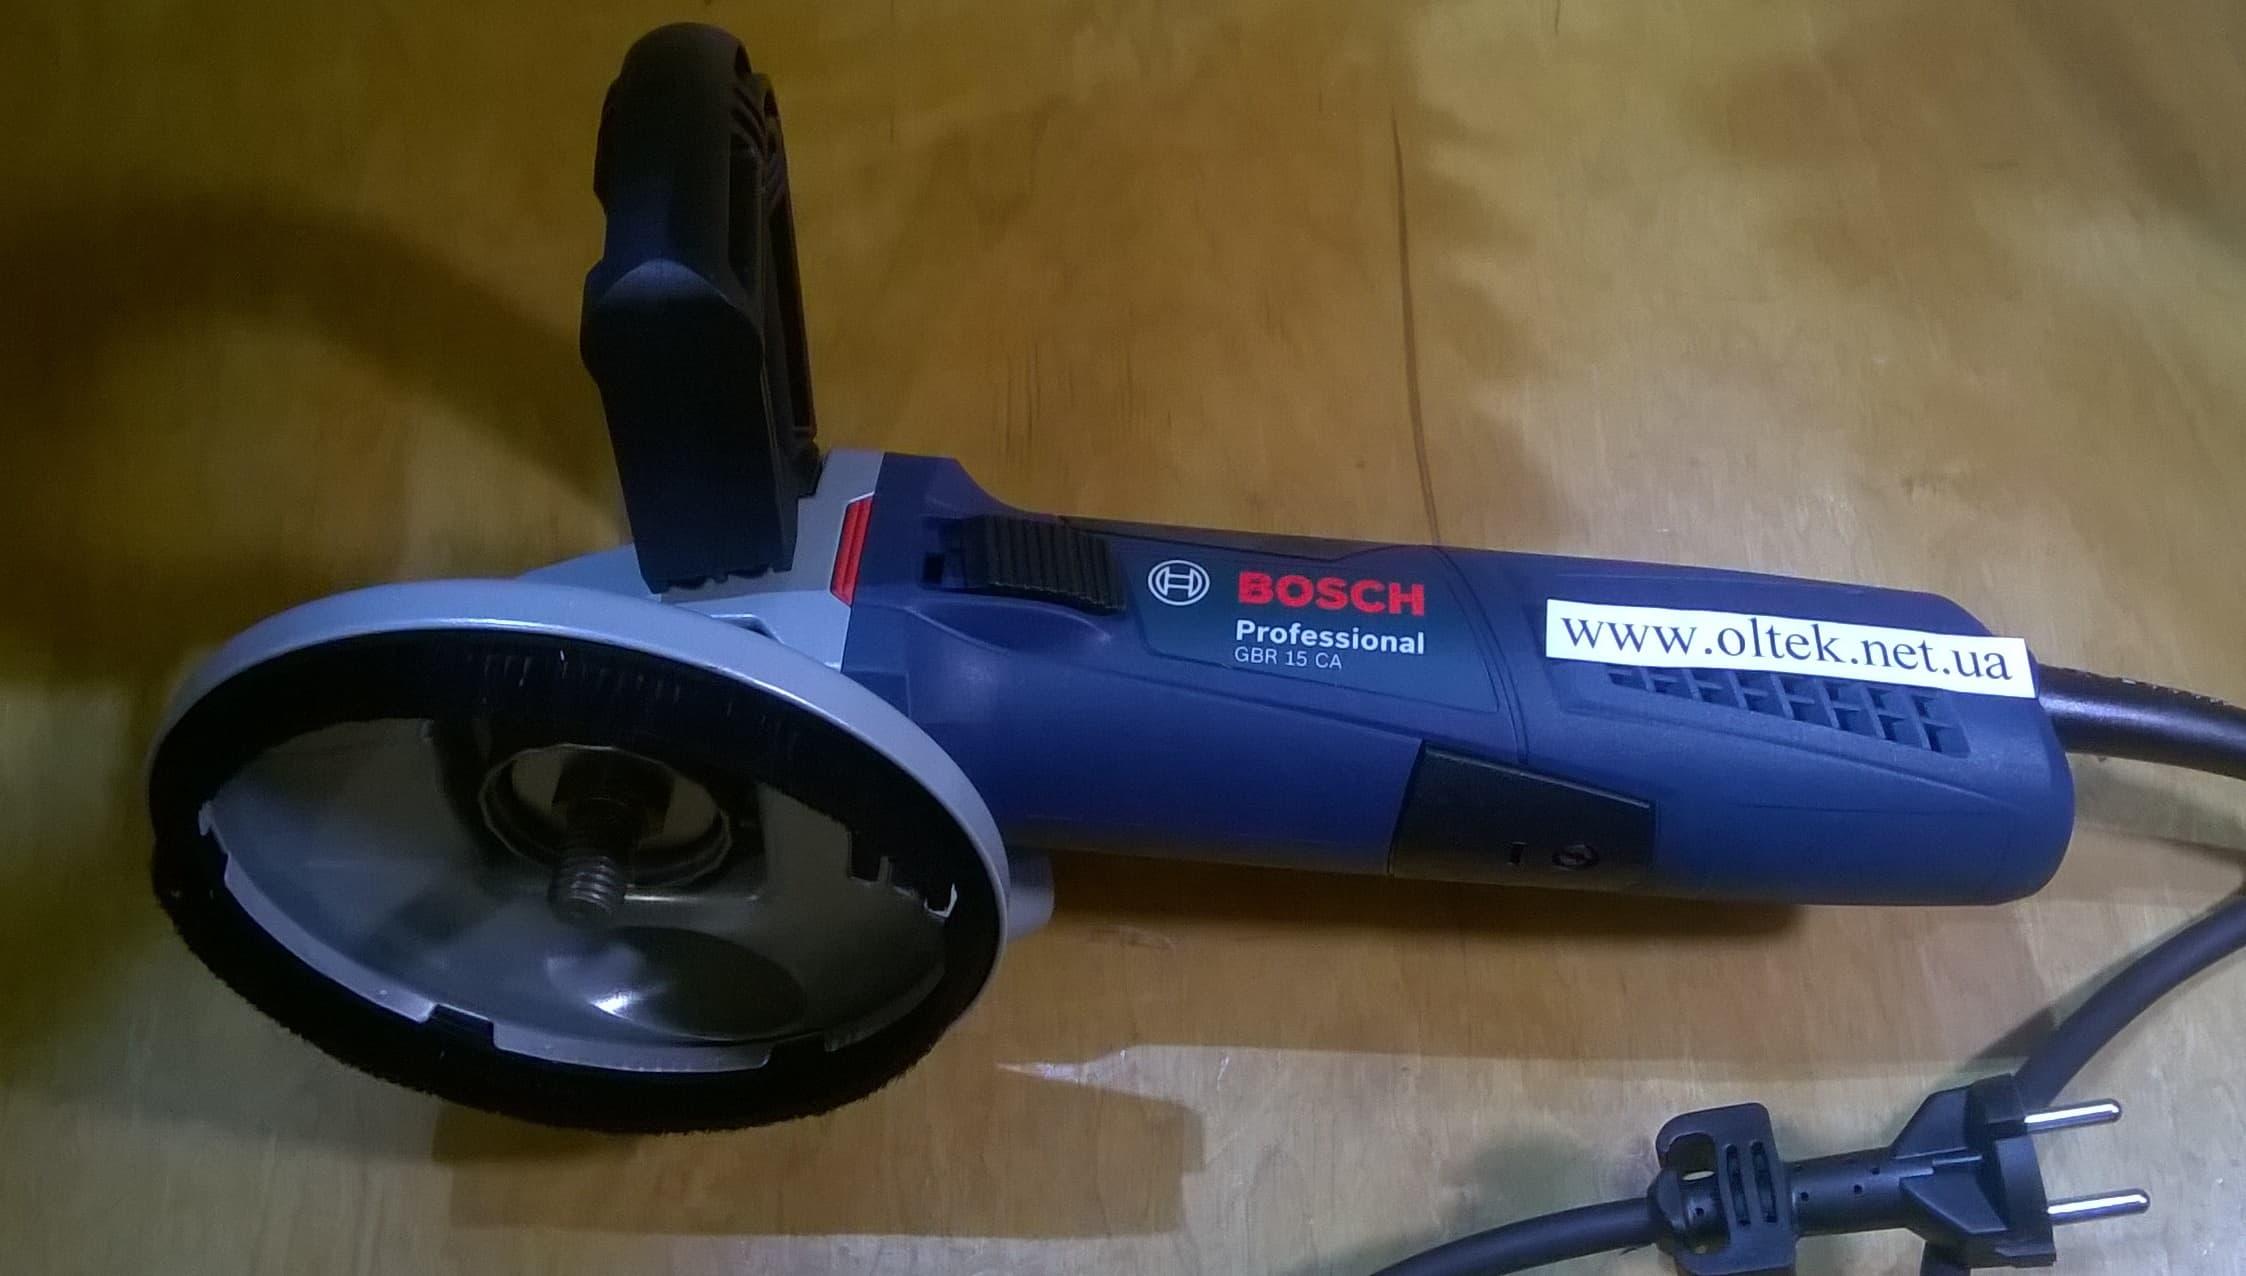 Bosch GBR 15 CA-oltek-net-ua1